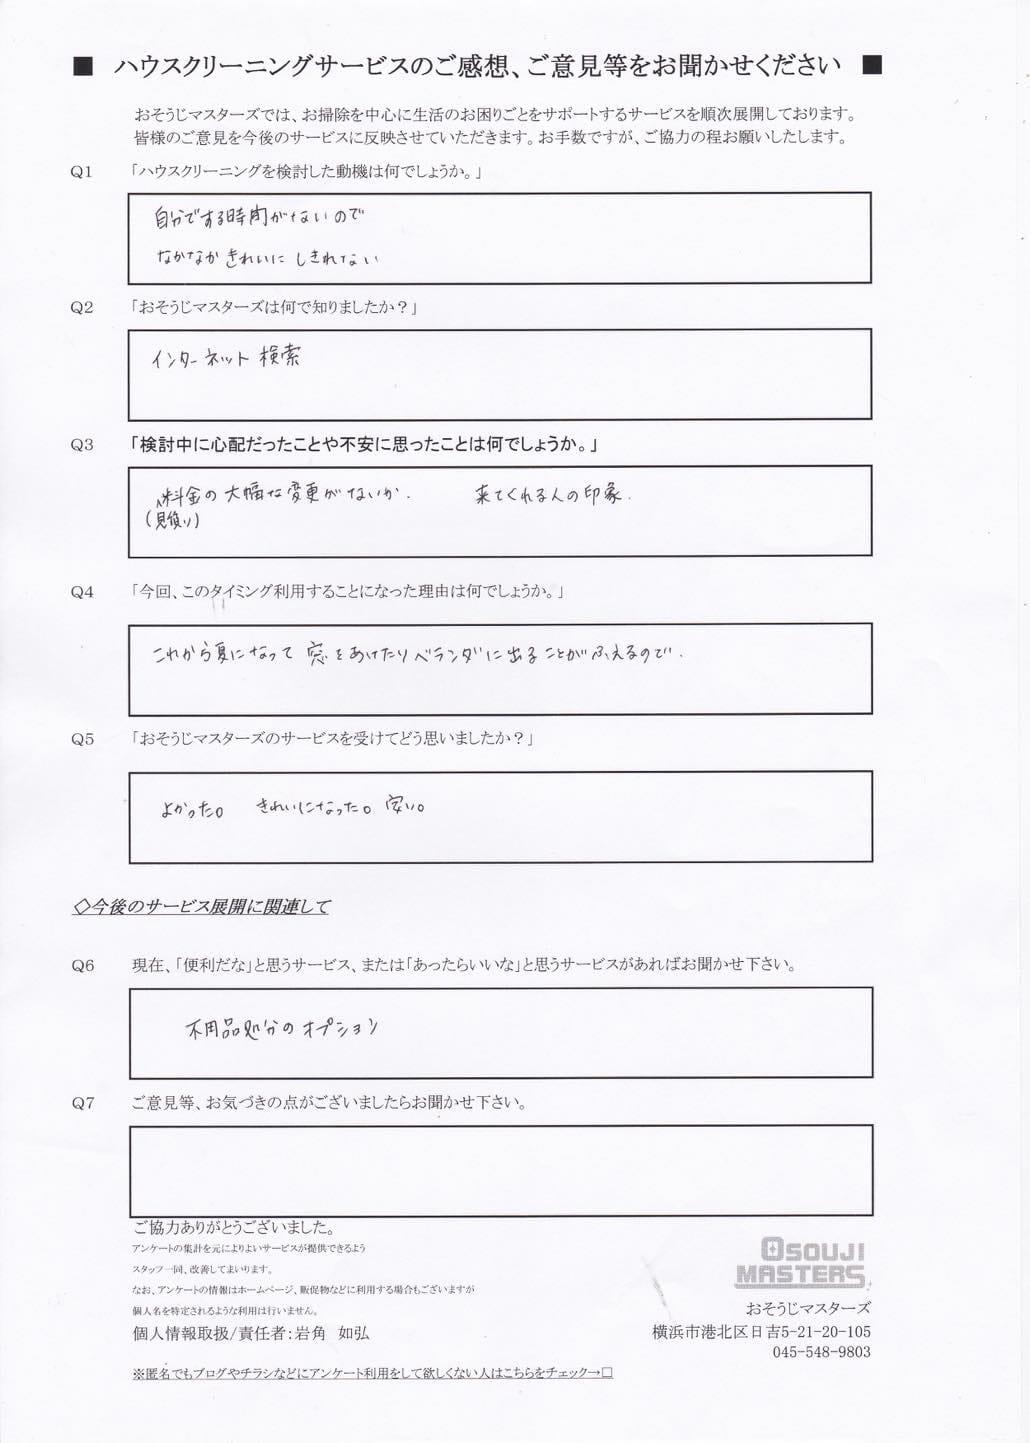 2015.05.01利用者アンケート